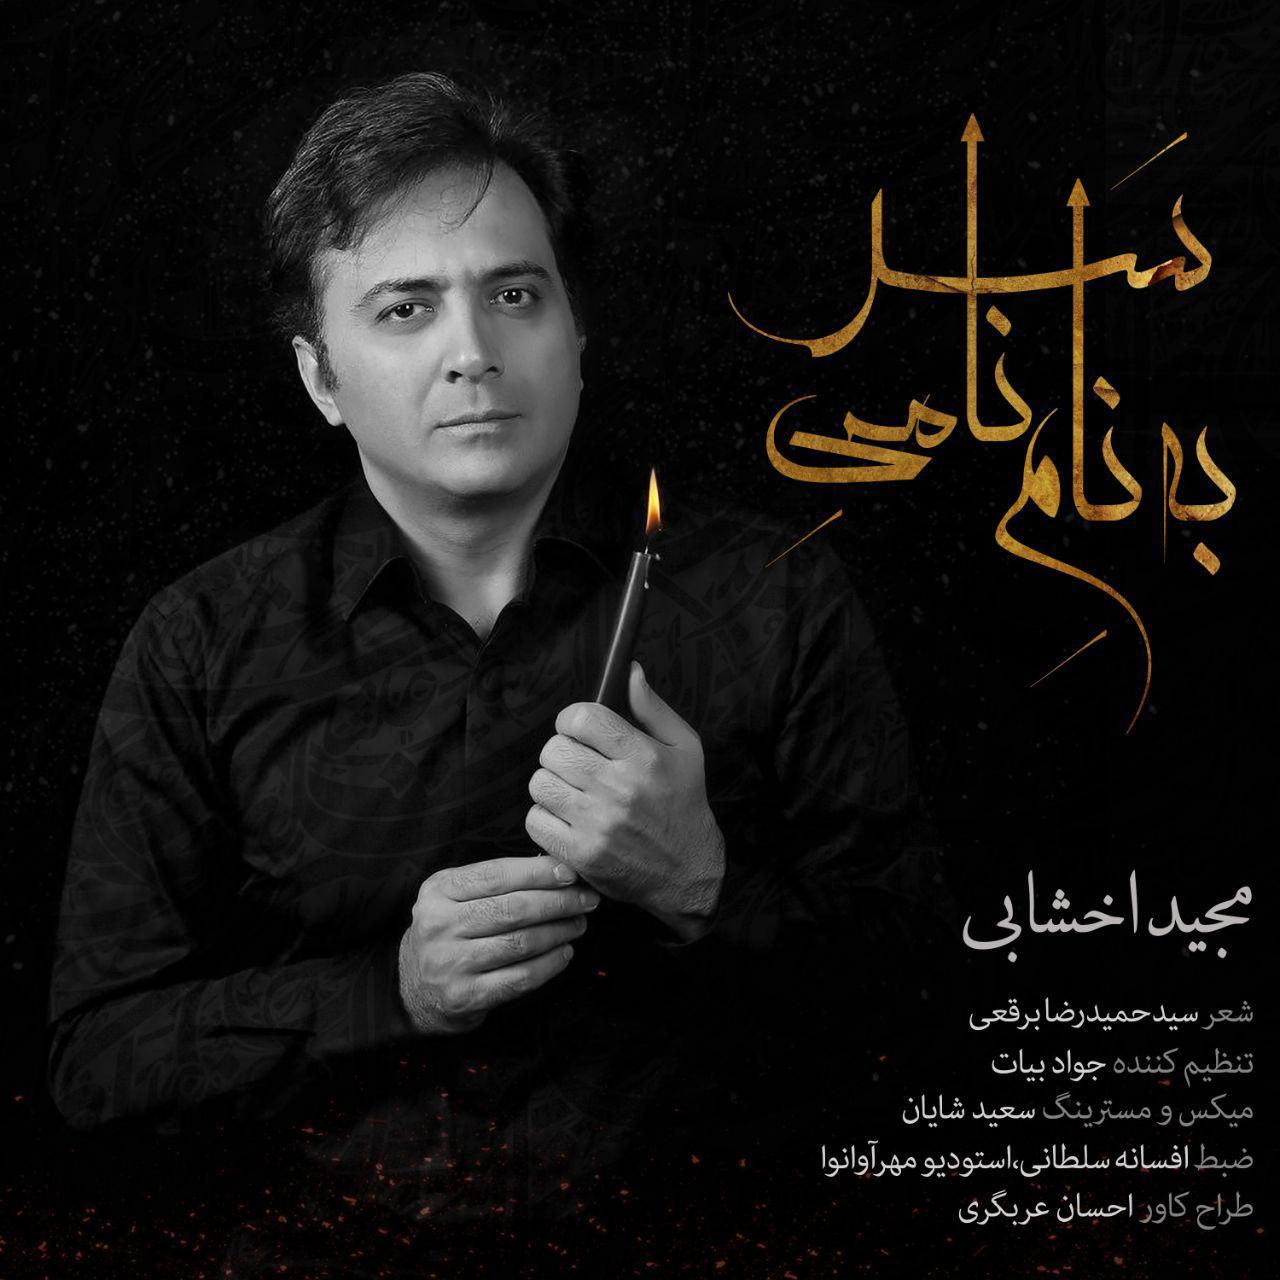 دانلود فایل باکیفیت ترانه «به نام نامی سر» با صدای مجید اخشابی